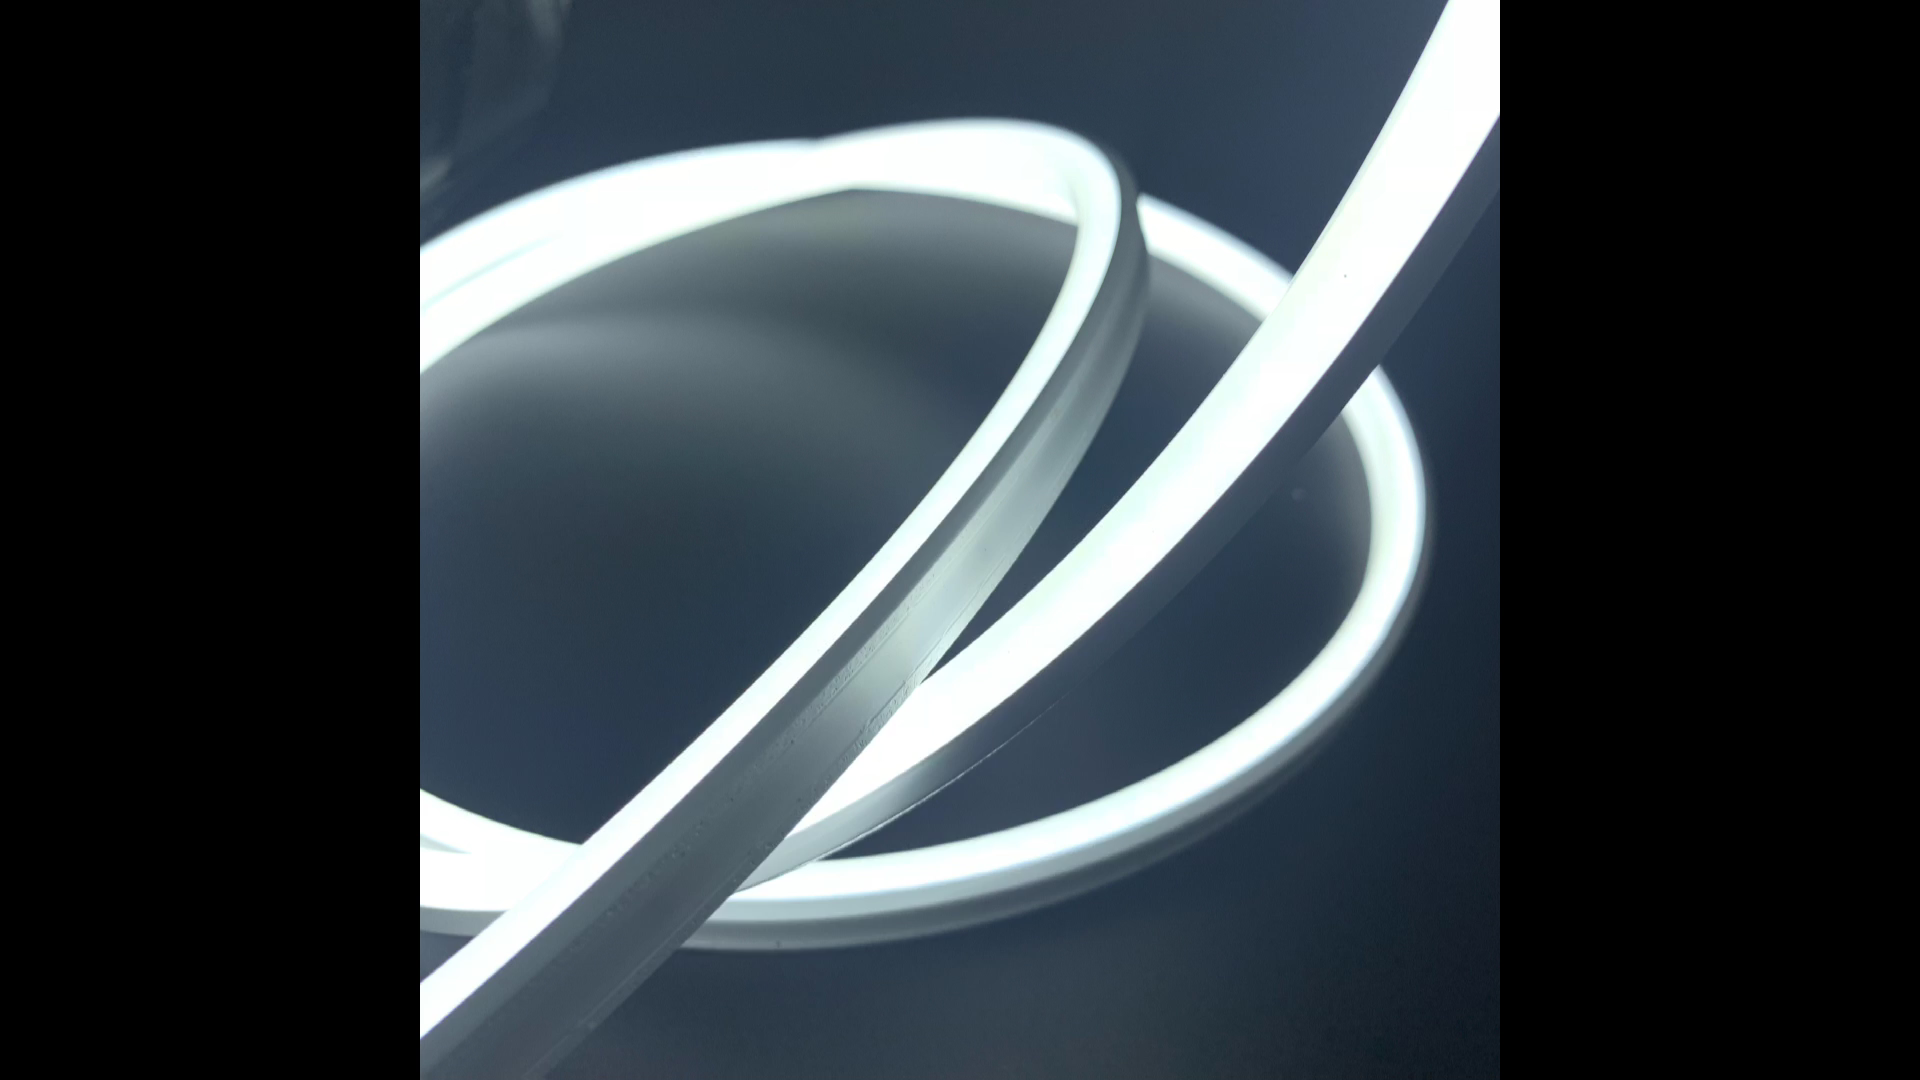 Özelleştirilmiş boyutu 10*10mm 12V düz yüzey su geçirmez IP65 Led Neon Flex şerit ışık kapalı dekorasyon için